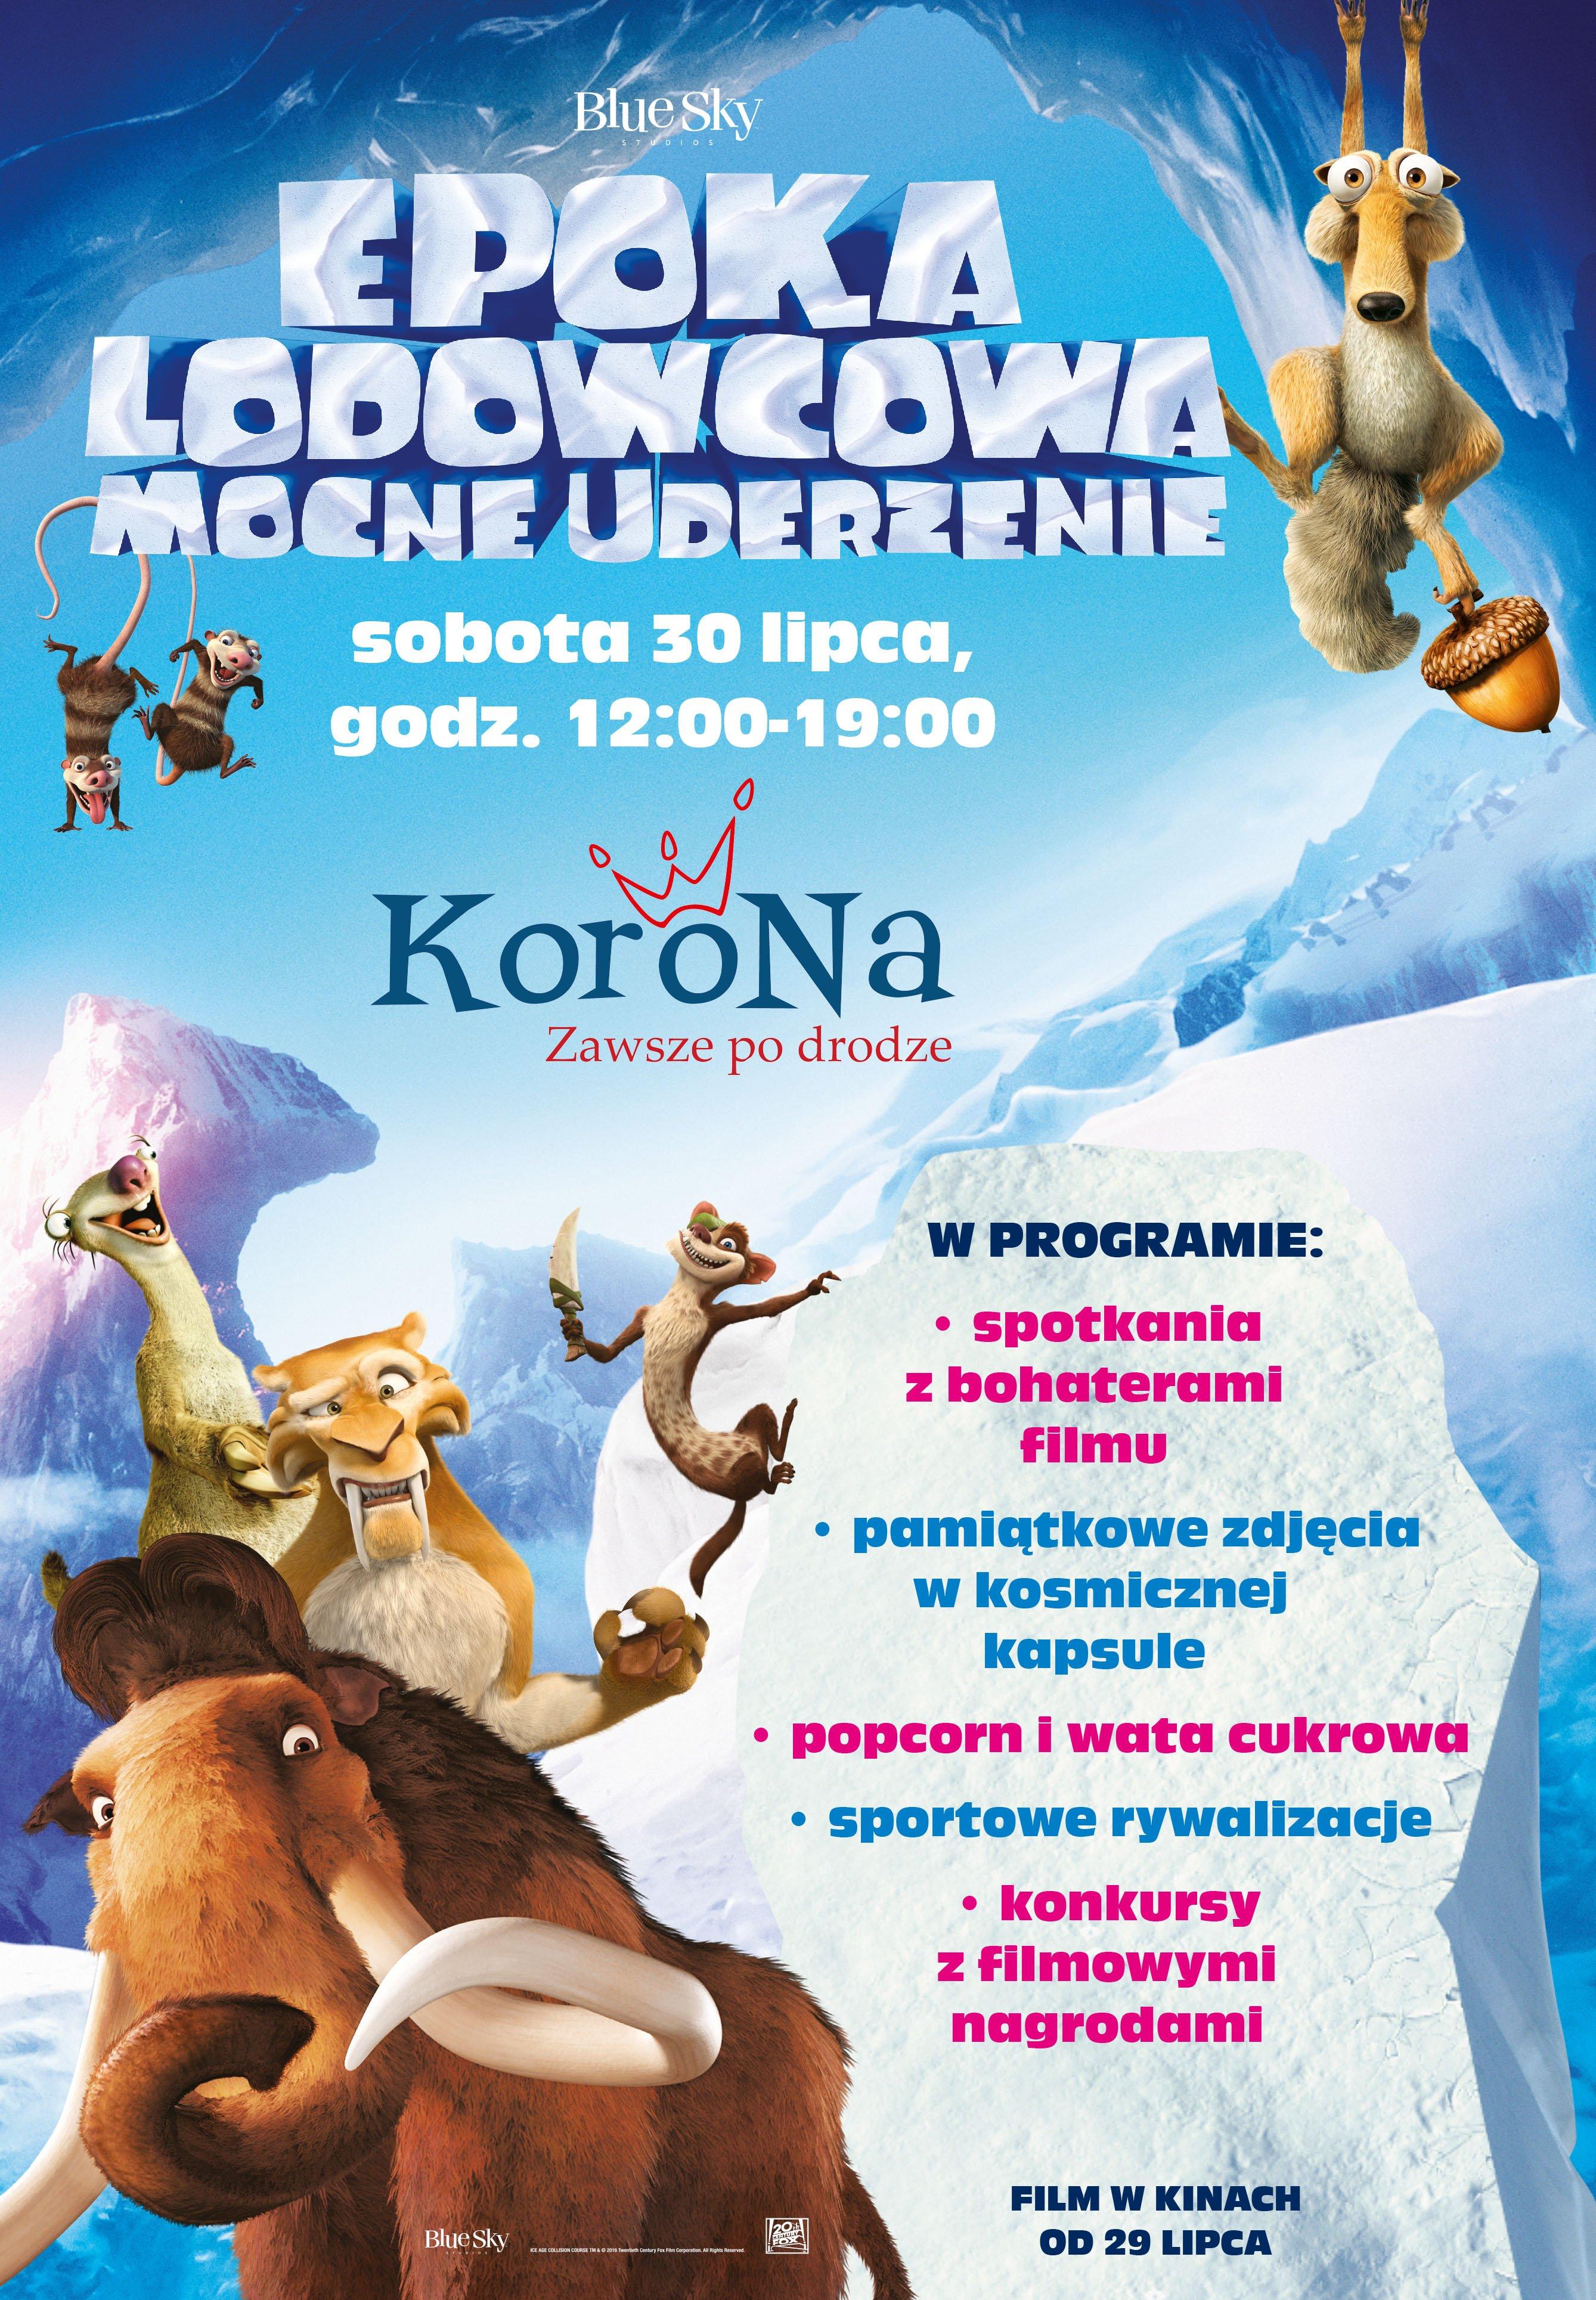 Wrocław Epoka lodowcowa Mocne uderzenie